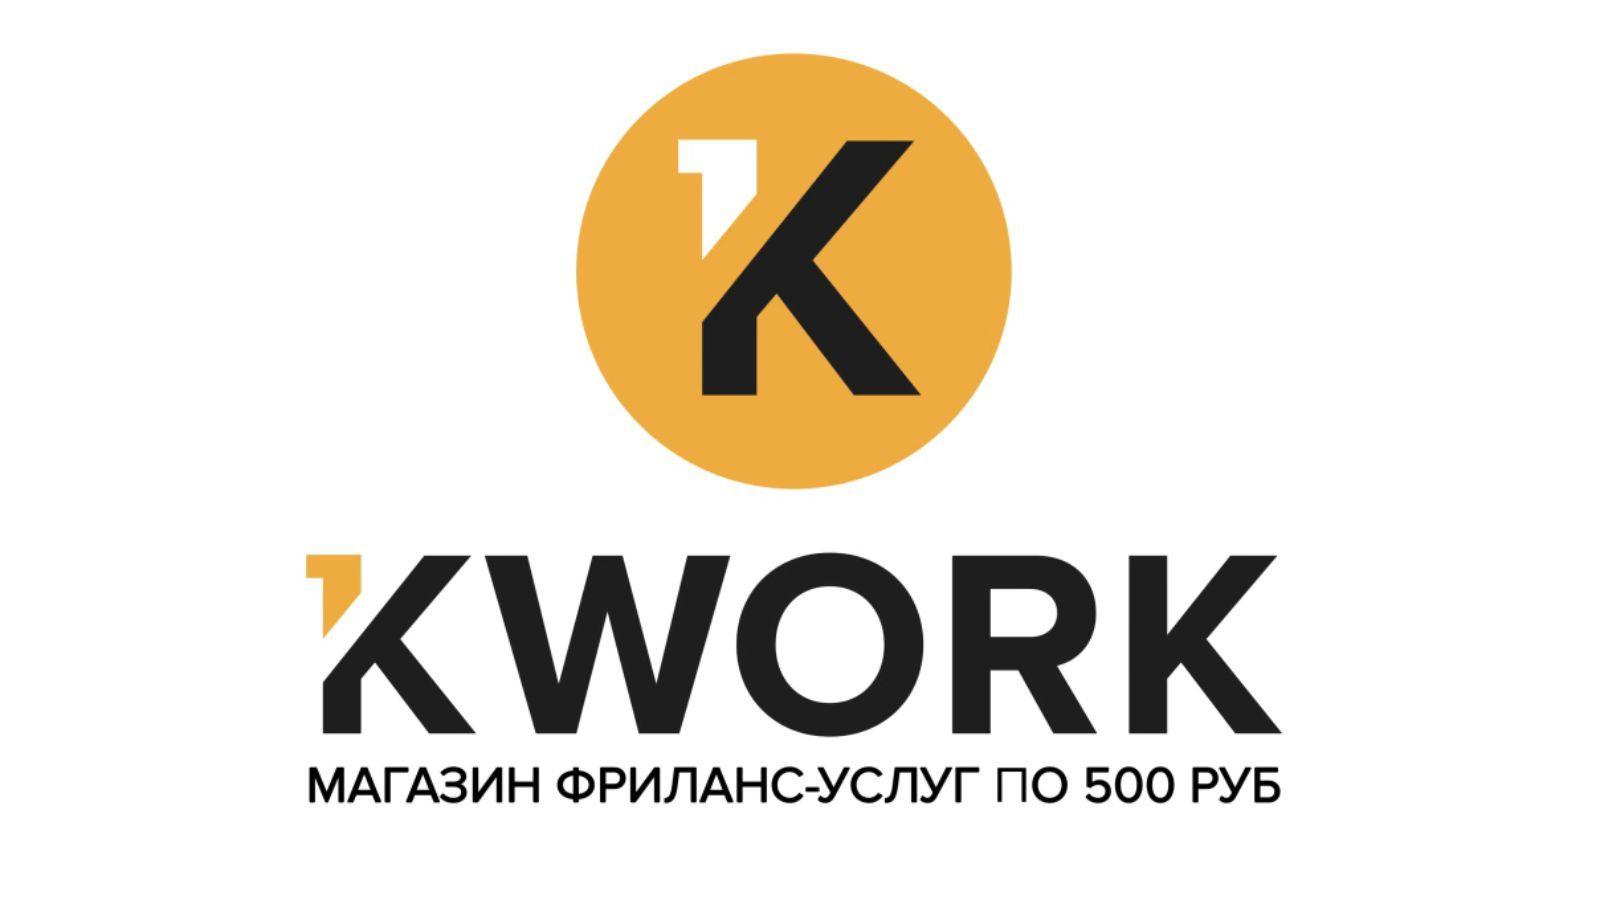 Фриланс всё по 500 рублей фриланс создание сайта стоимость